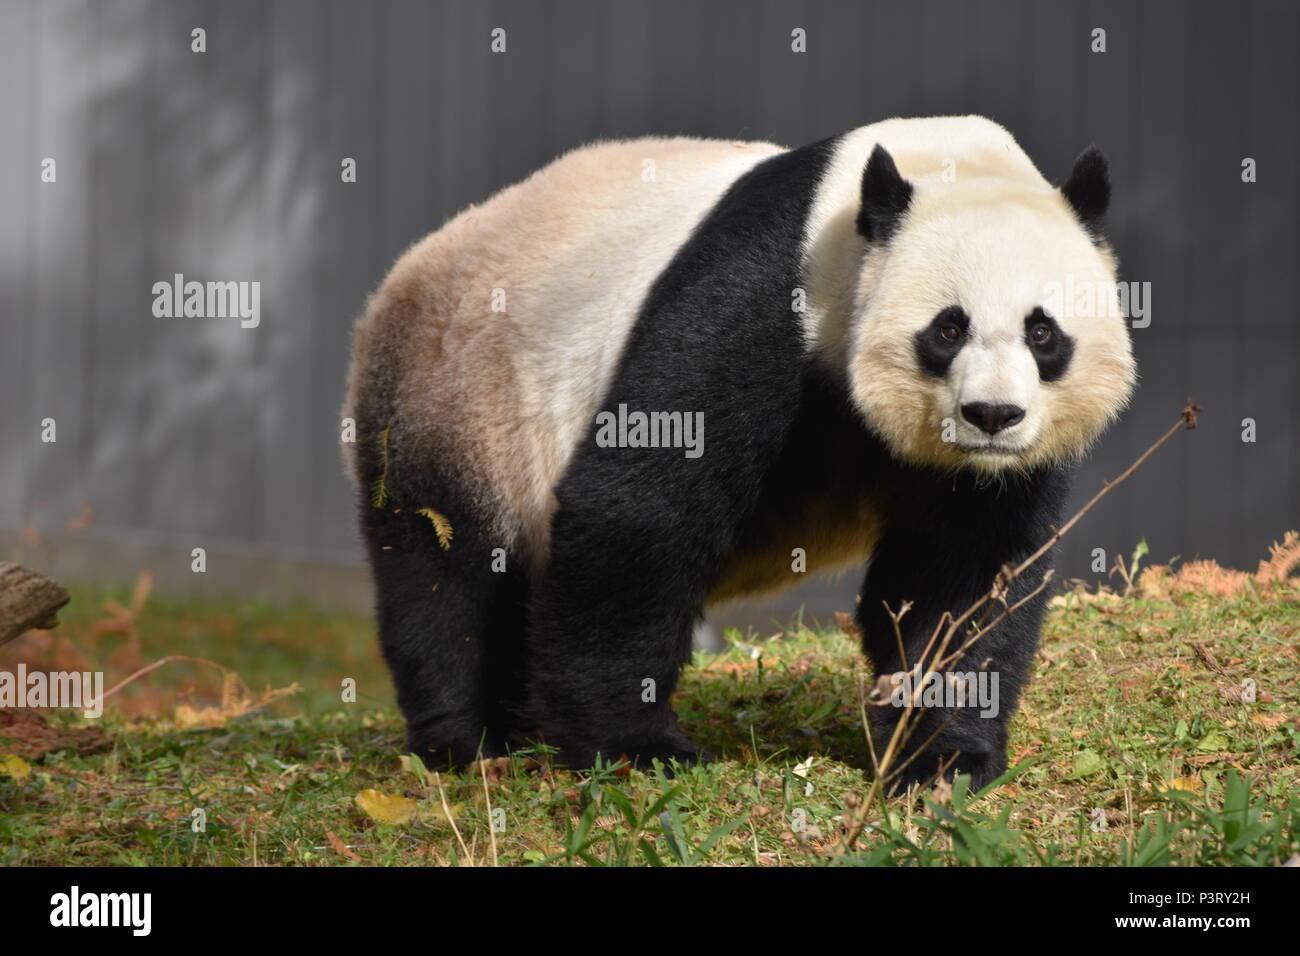 Panda disfrutando del sol de otoño Imagen De Stock